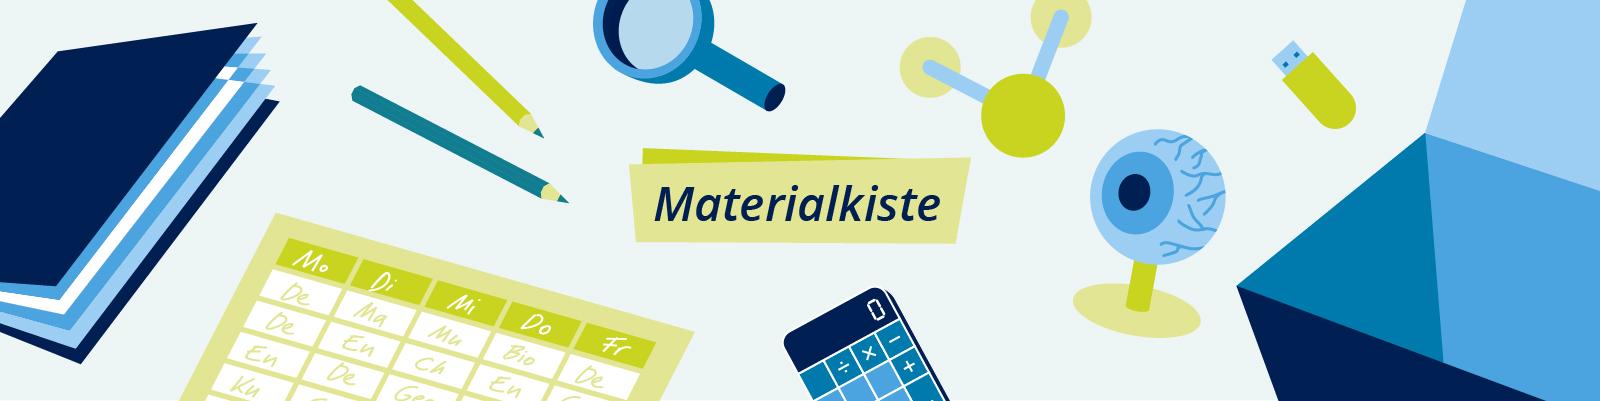 Materialkiste